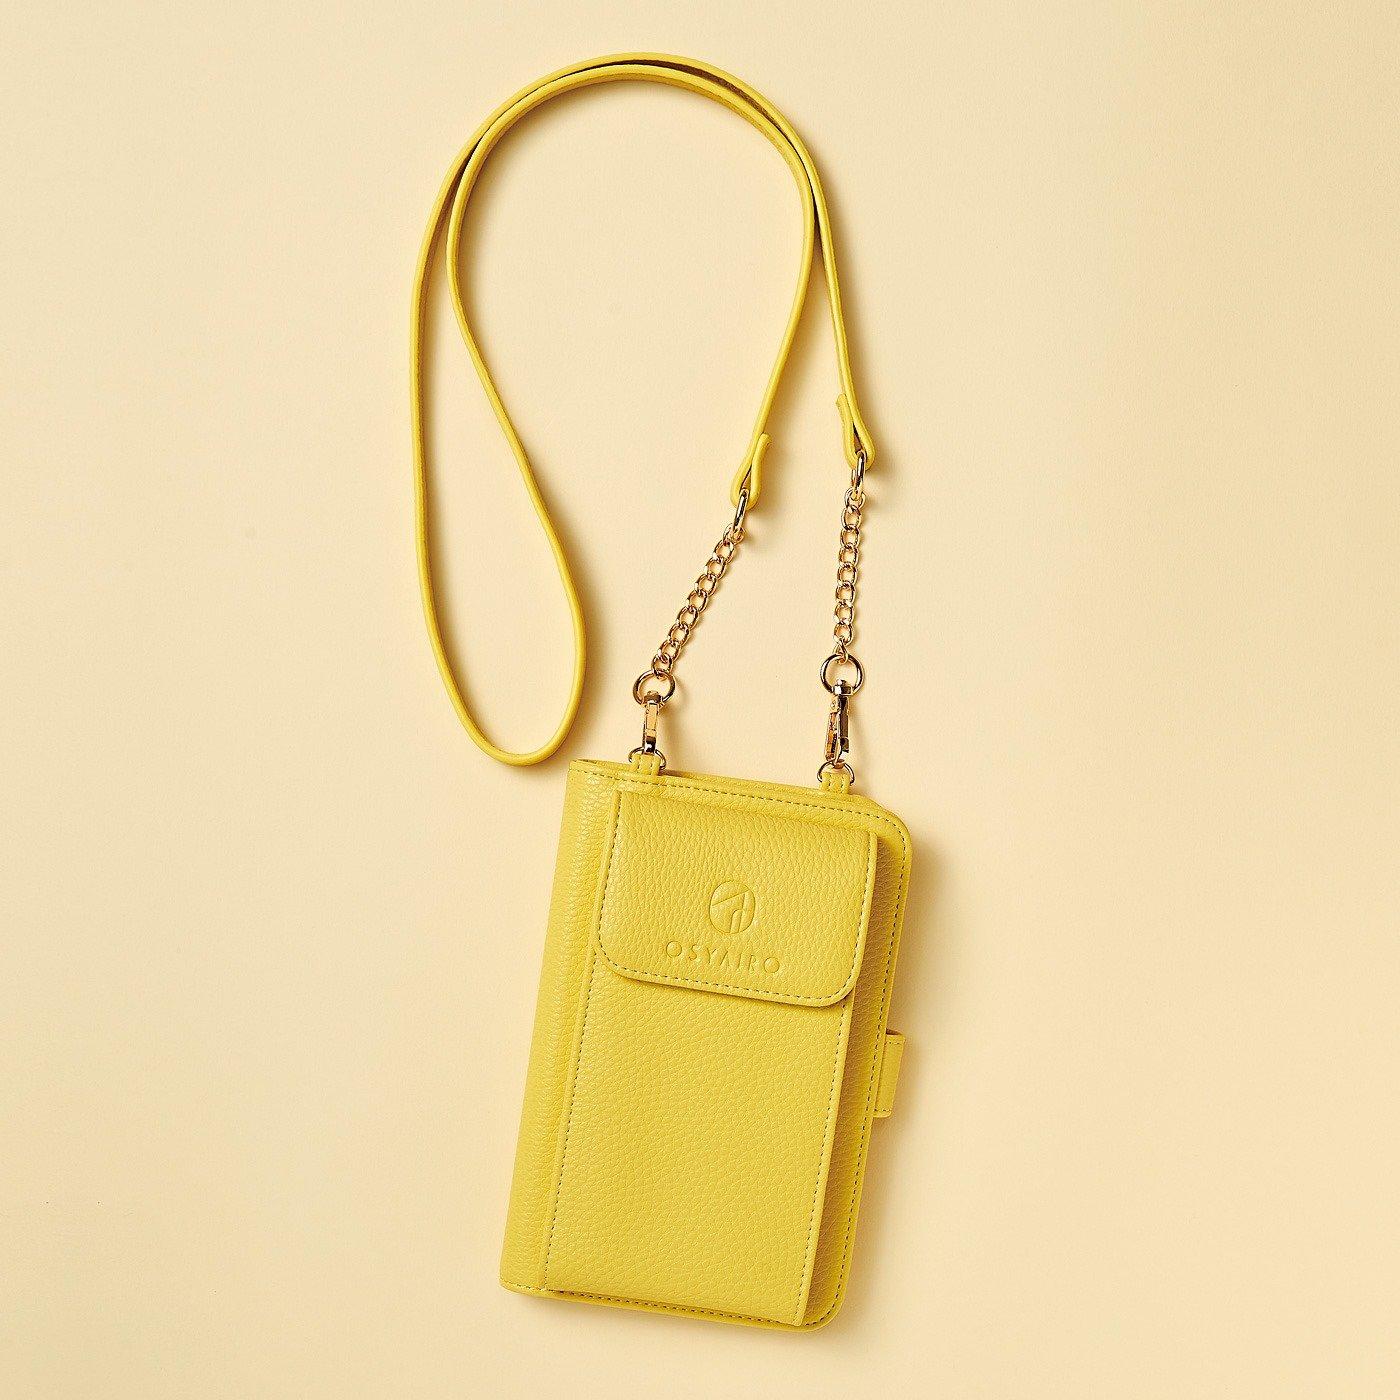 【3~10日でお届け】 OSYAIRO フォトポケットが付いた スマホ&おさいふポーチ〈イエロー〉